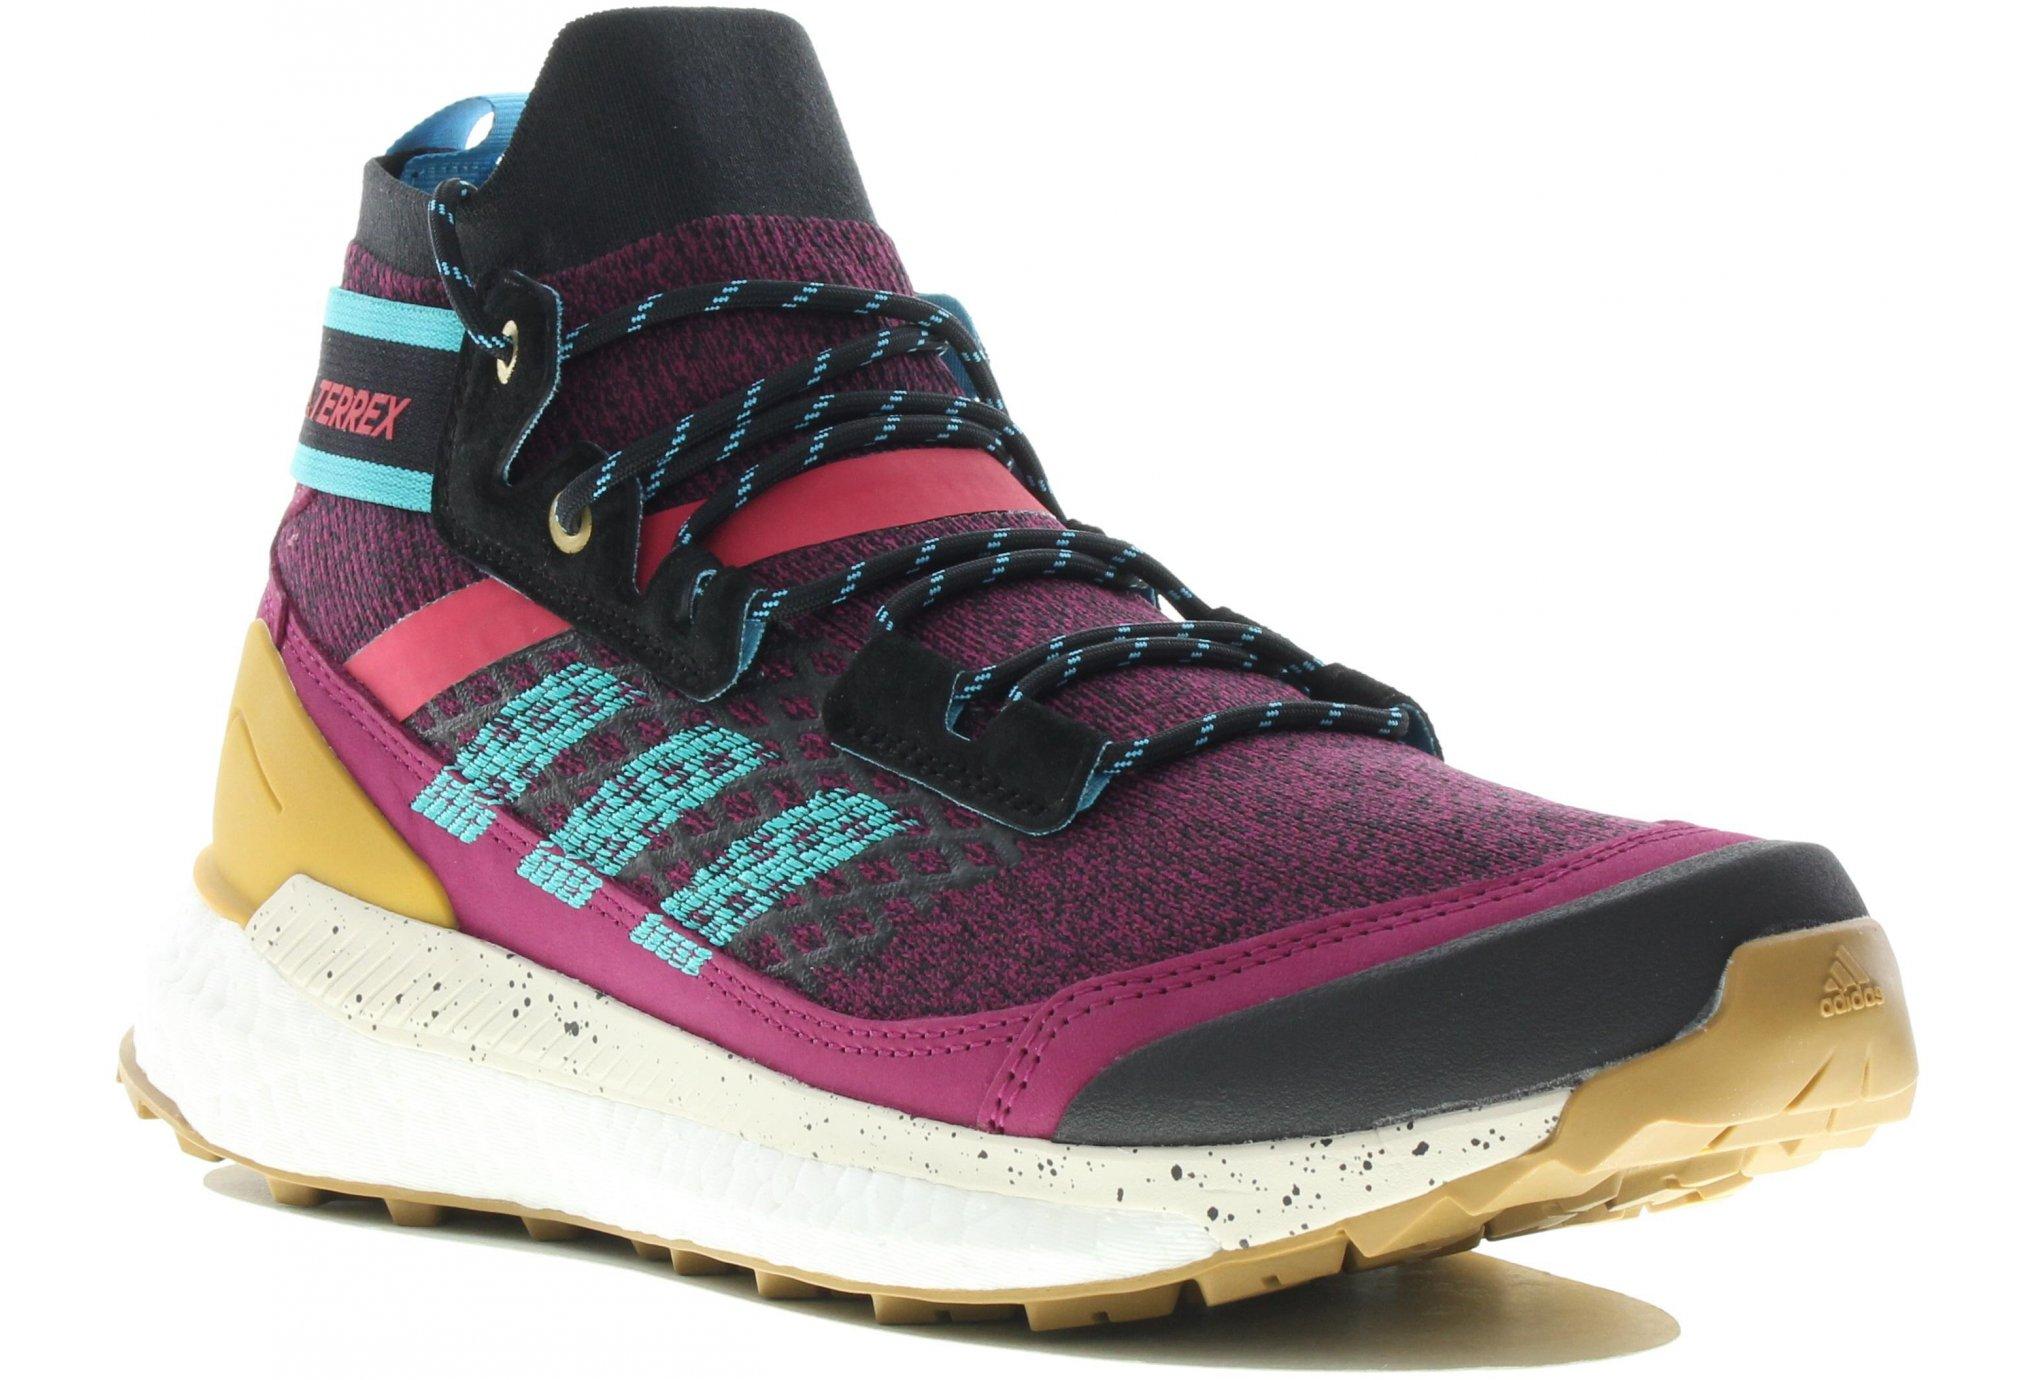 adidas Terrex Free Hiker Blue Chaussures running femme